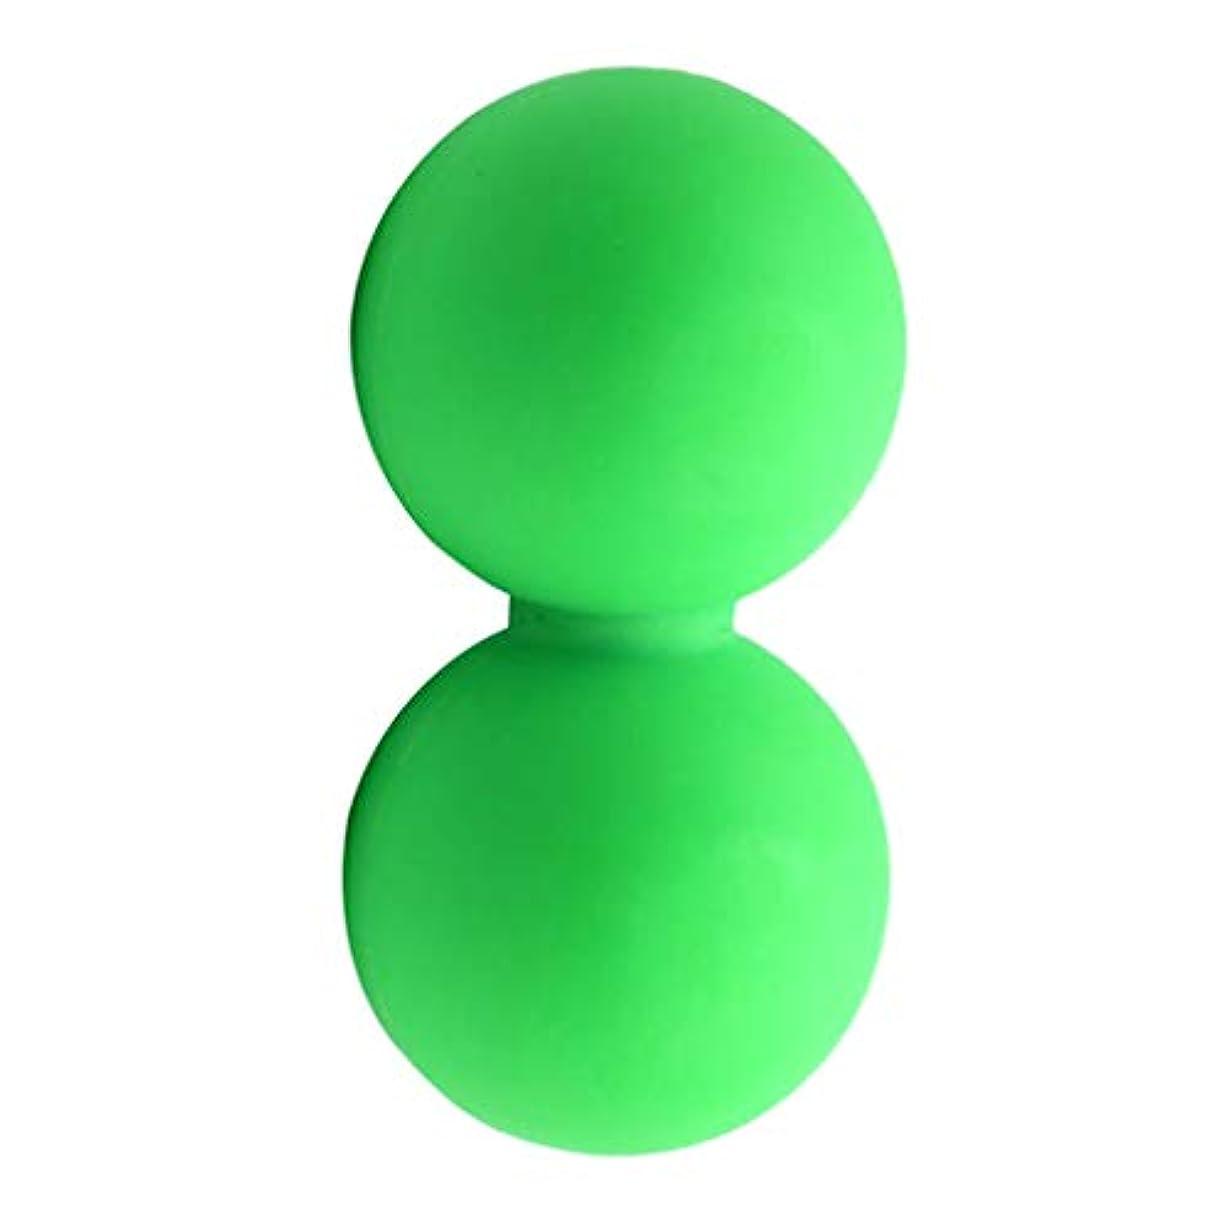 実施するごみたらいマッサージボール グリーン スポーツケア 運動 痛み緩和